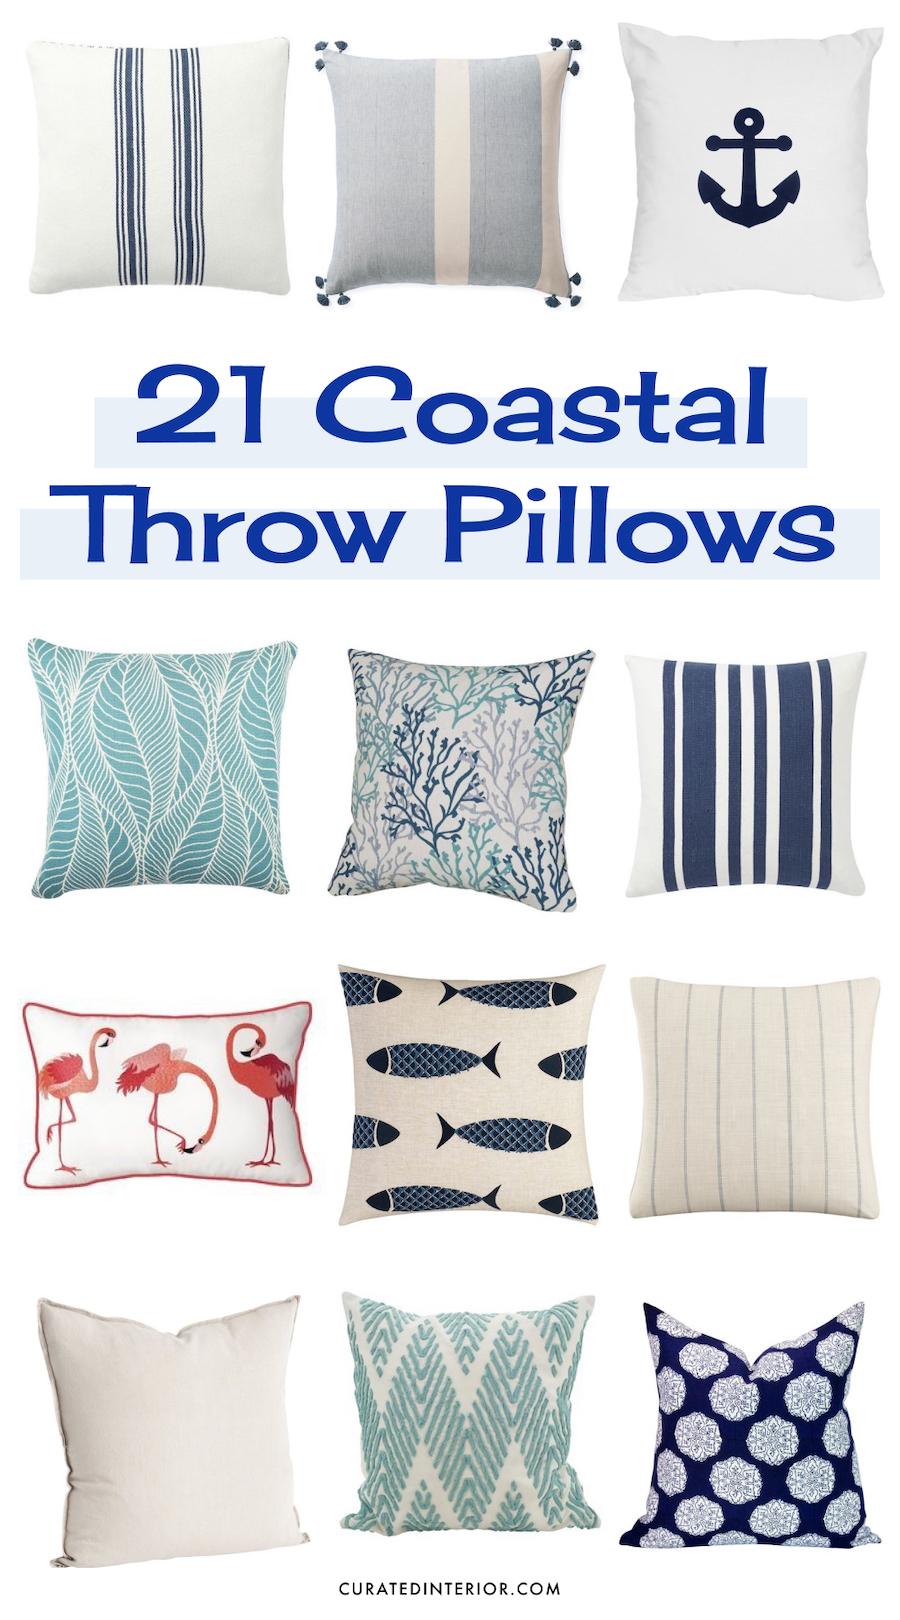 21 coastal throw pillows